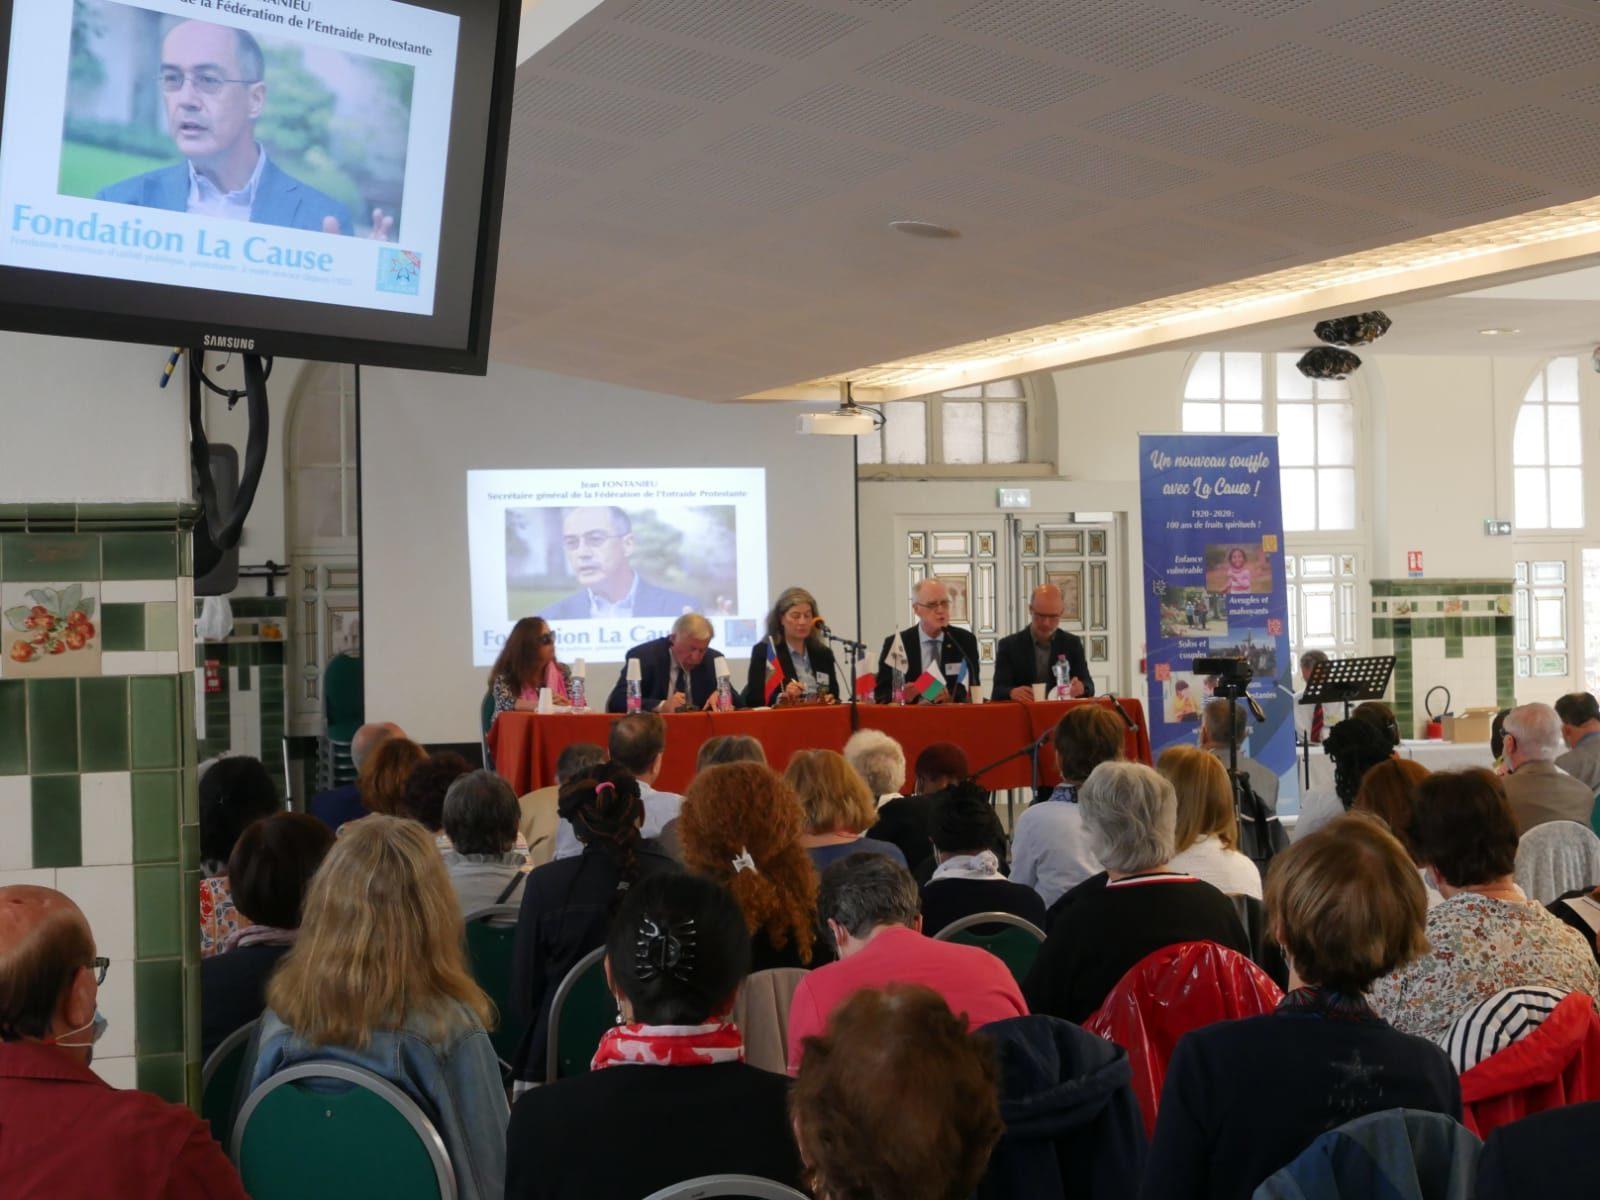 Les 100 ans de La Cause le 26 juin au Palais de la femme à Paris